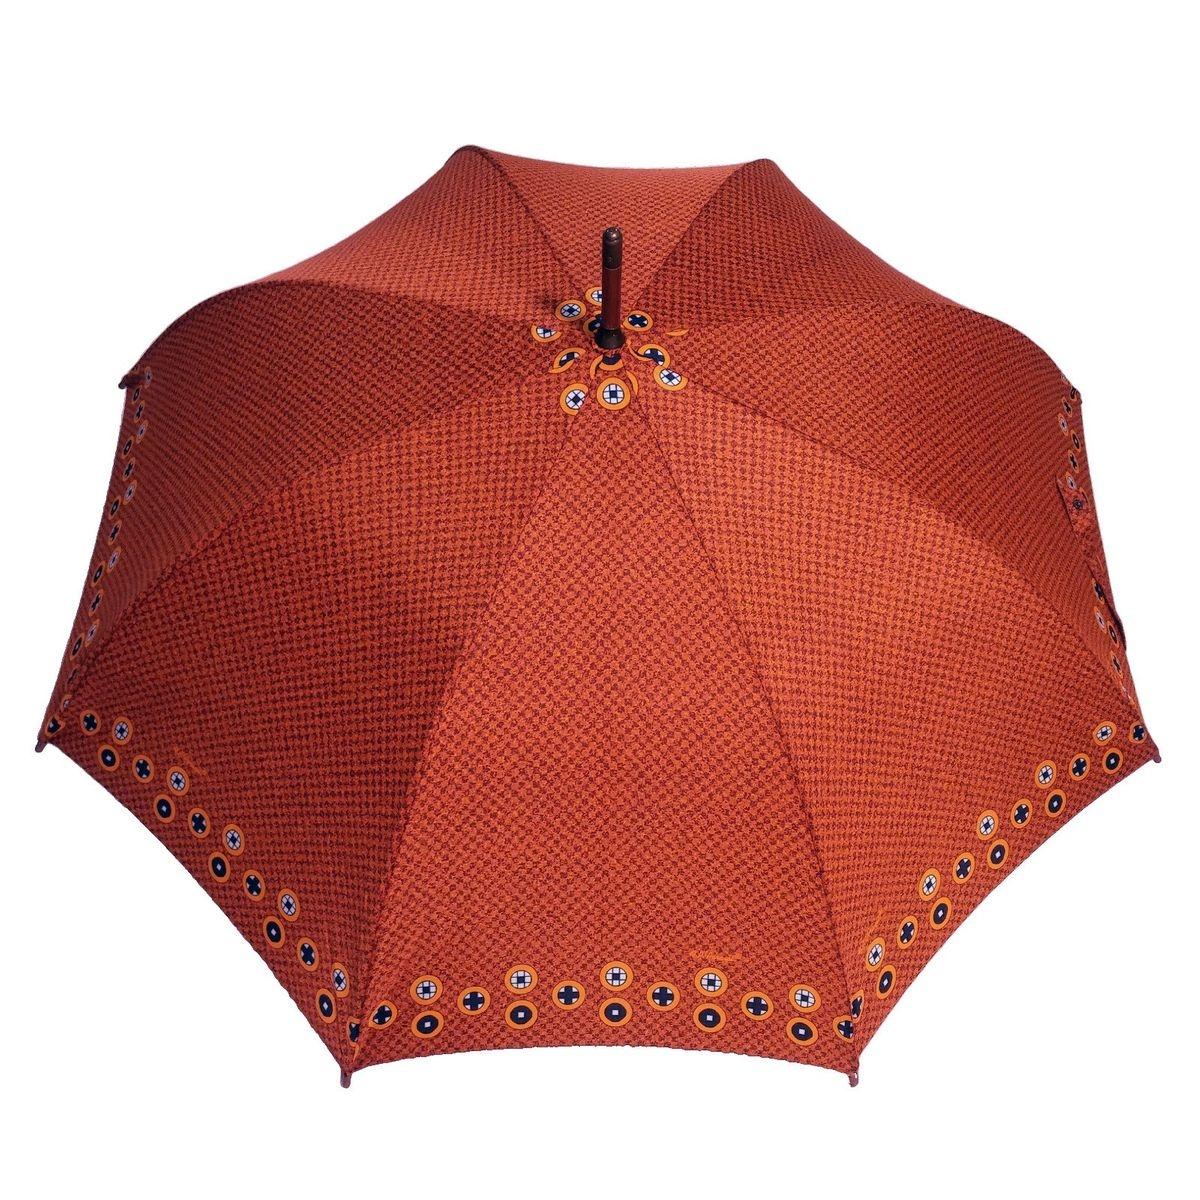 Parapluie long Femme Terana Orange - Fabriqué en europe